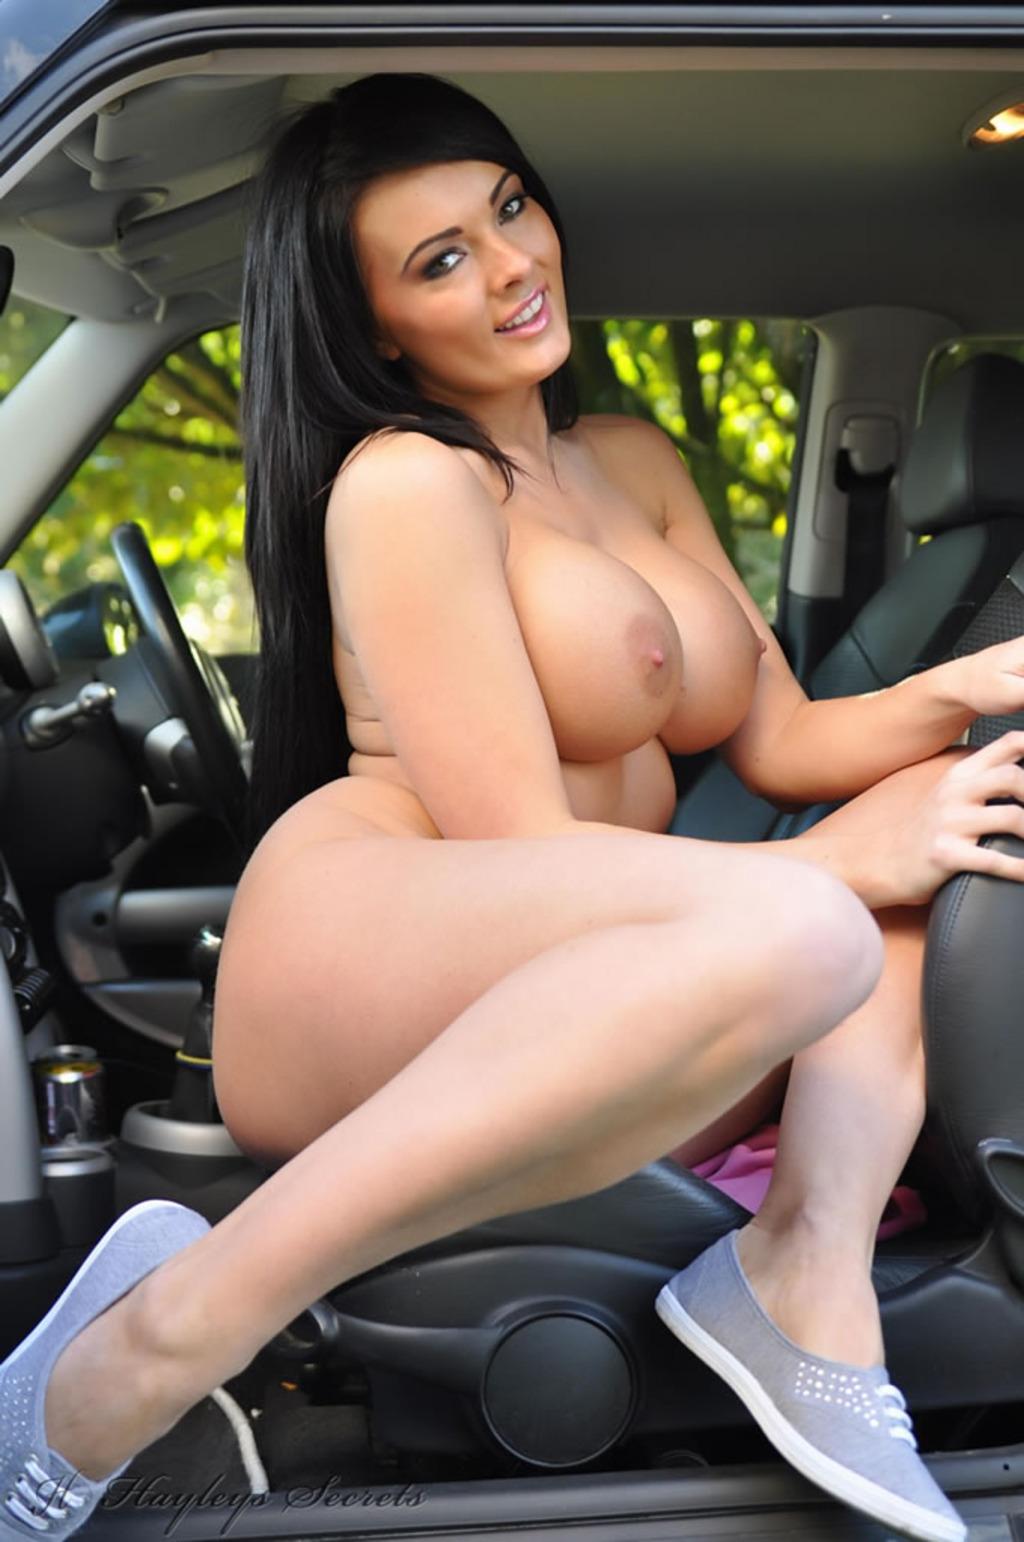 Pornstar car pic